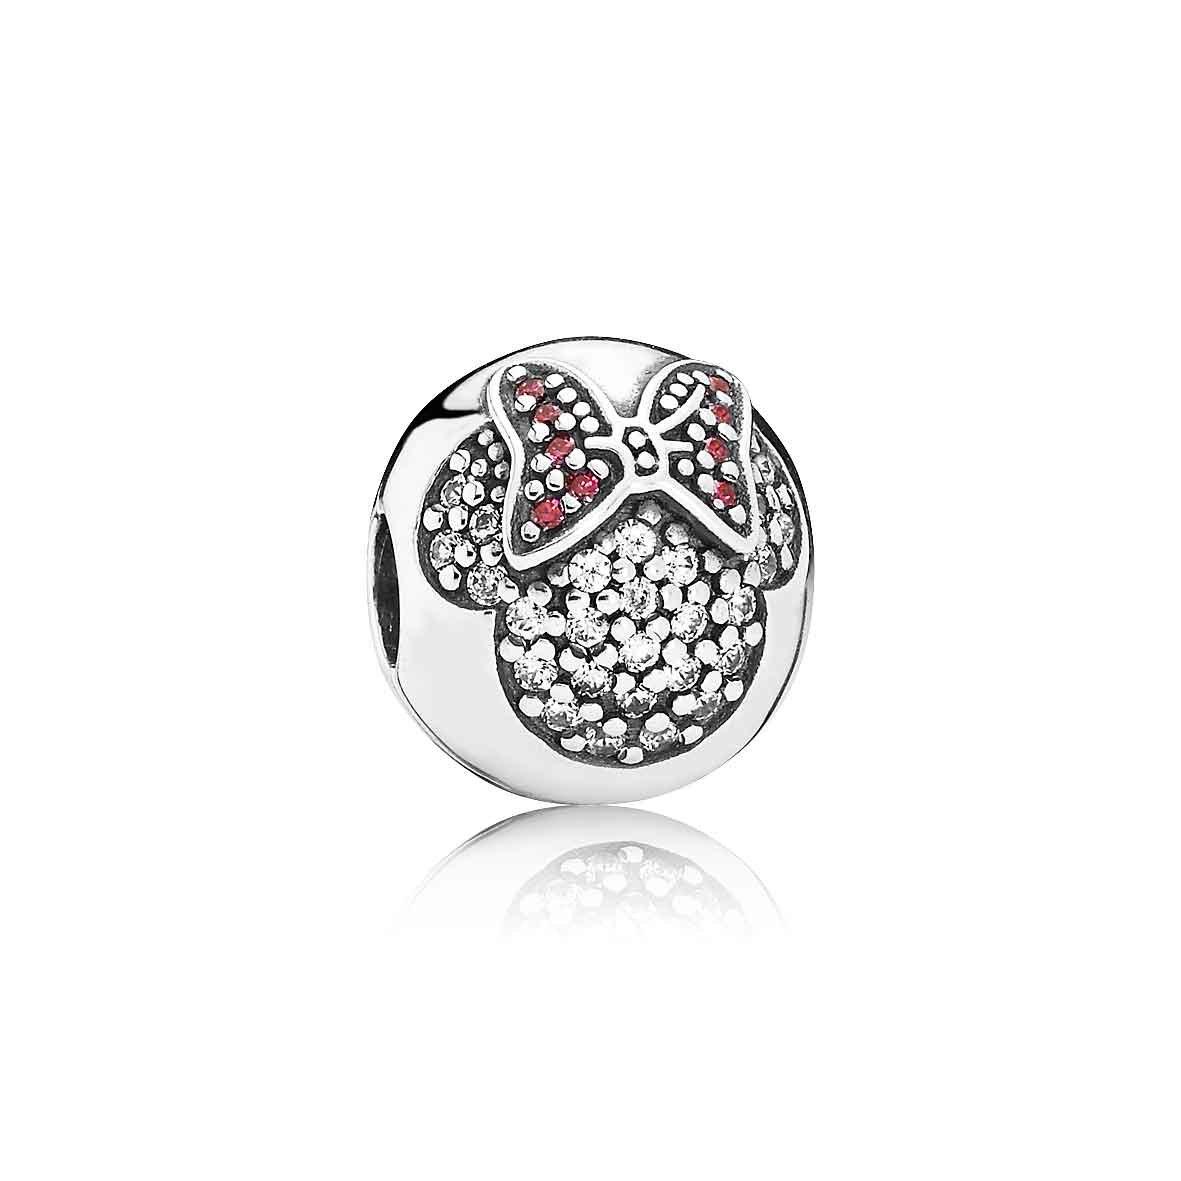 Pandora Disney Clip Minnie Pavé With Regard To Most Up To Date Pandora Logo Pavé Rings (View 12 of 25)